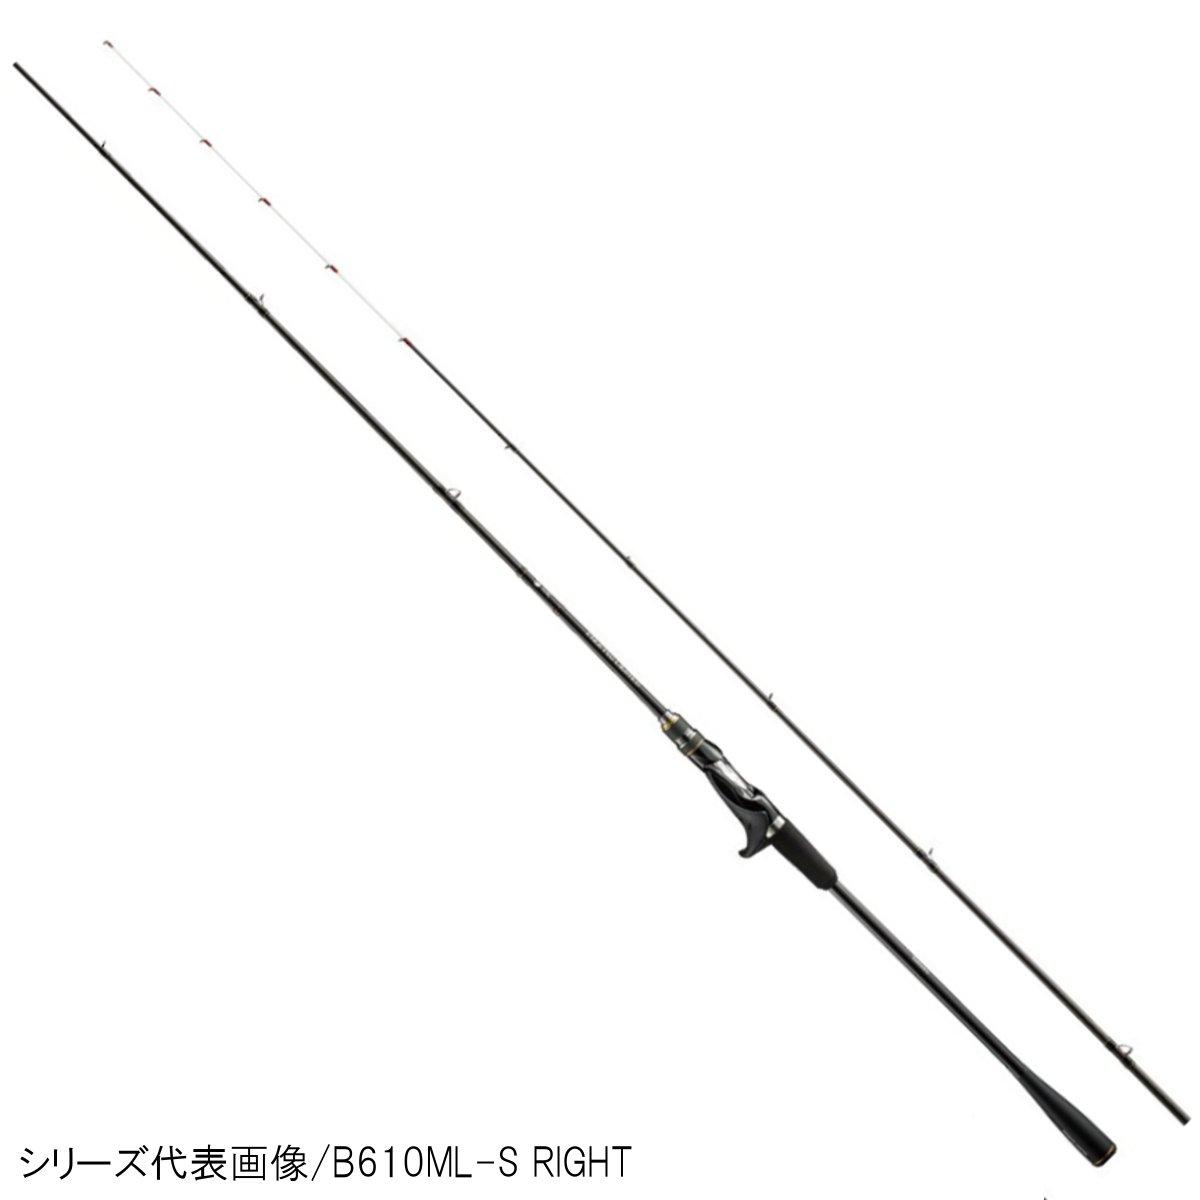 シマノ 炎月 リミテッド B610ML-S LEFT【大型商品】